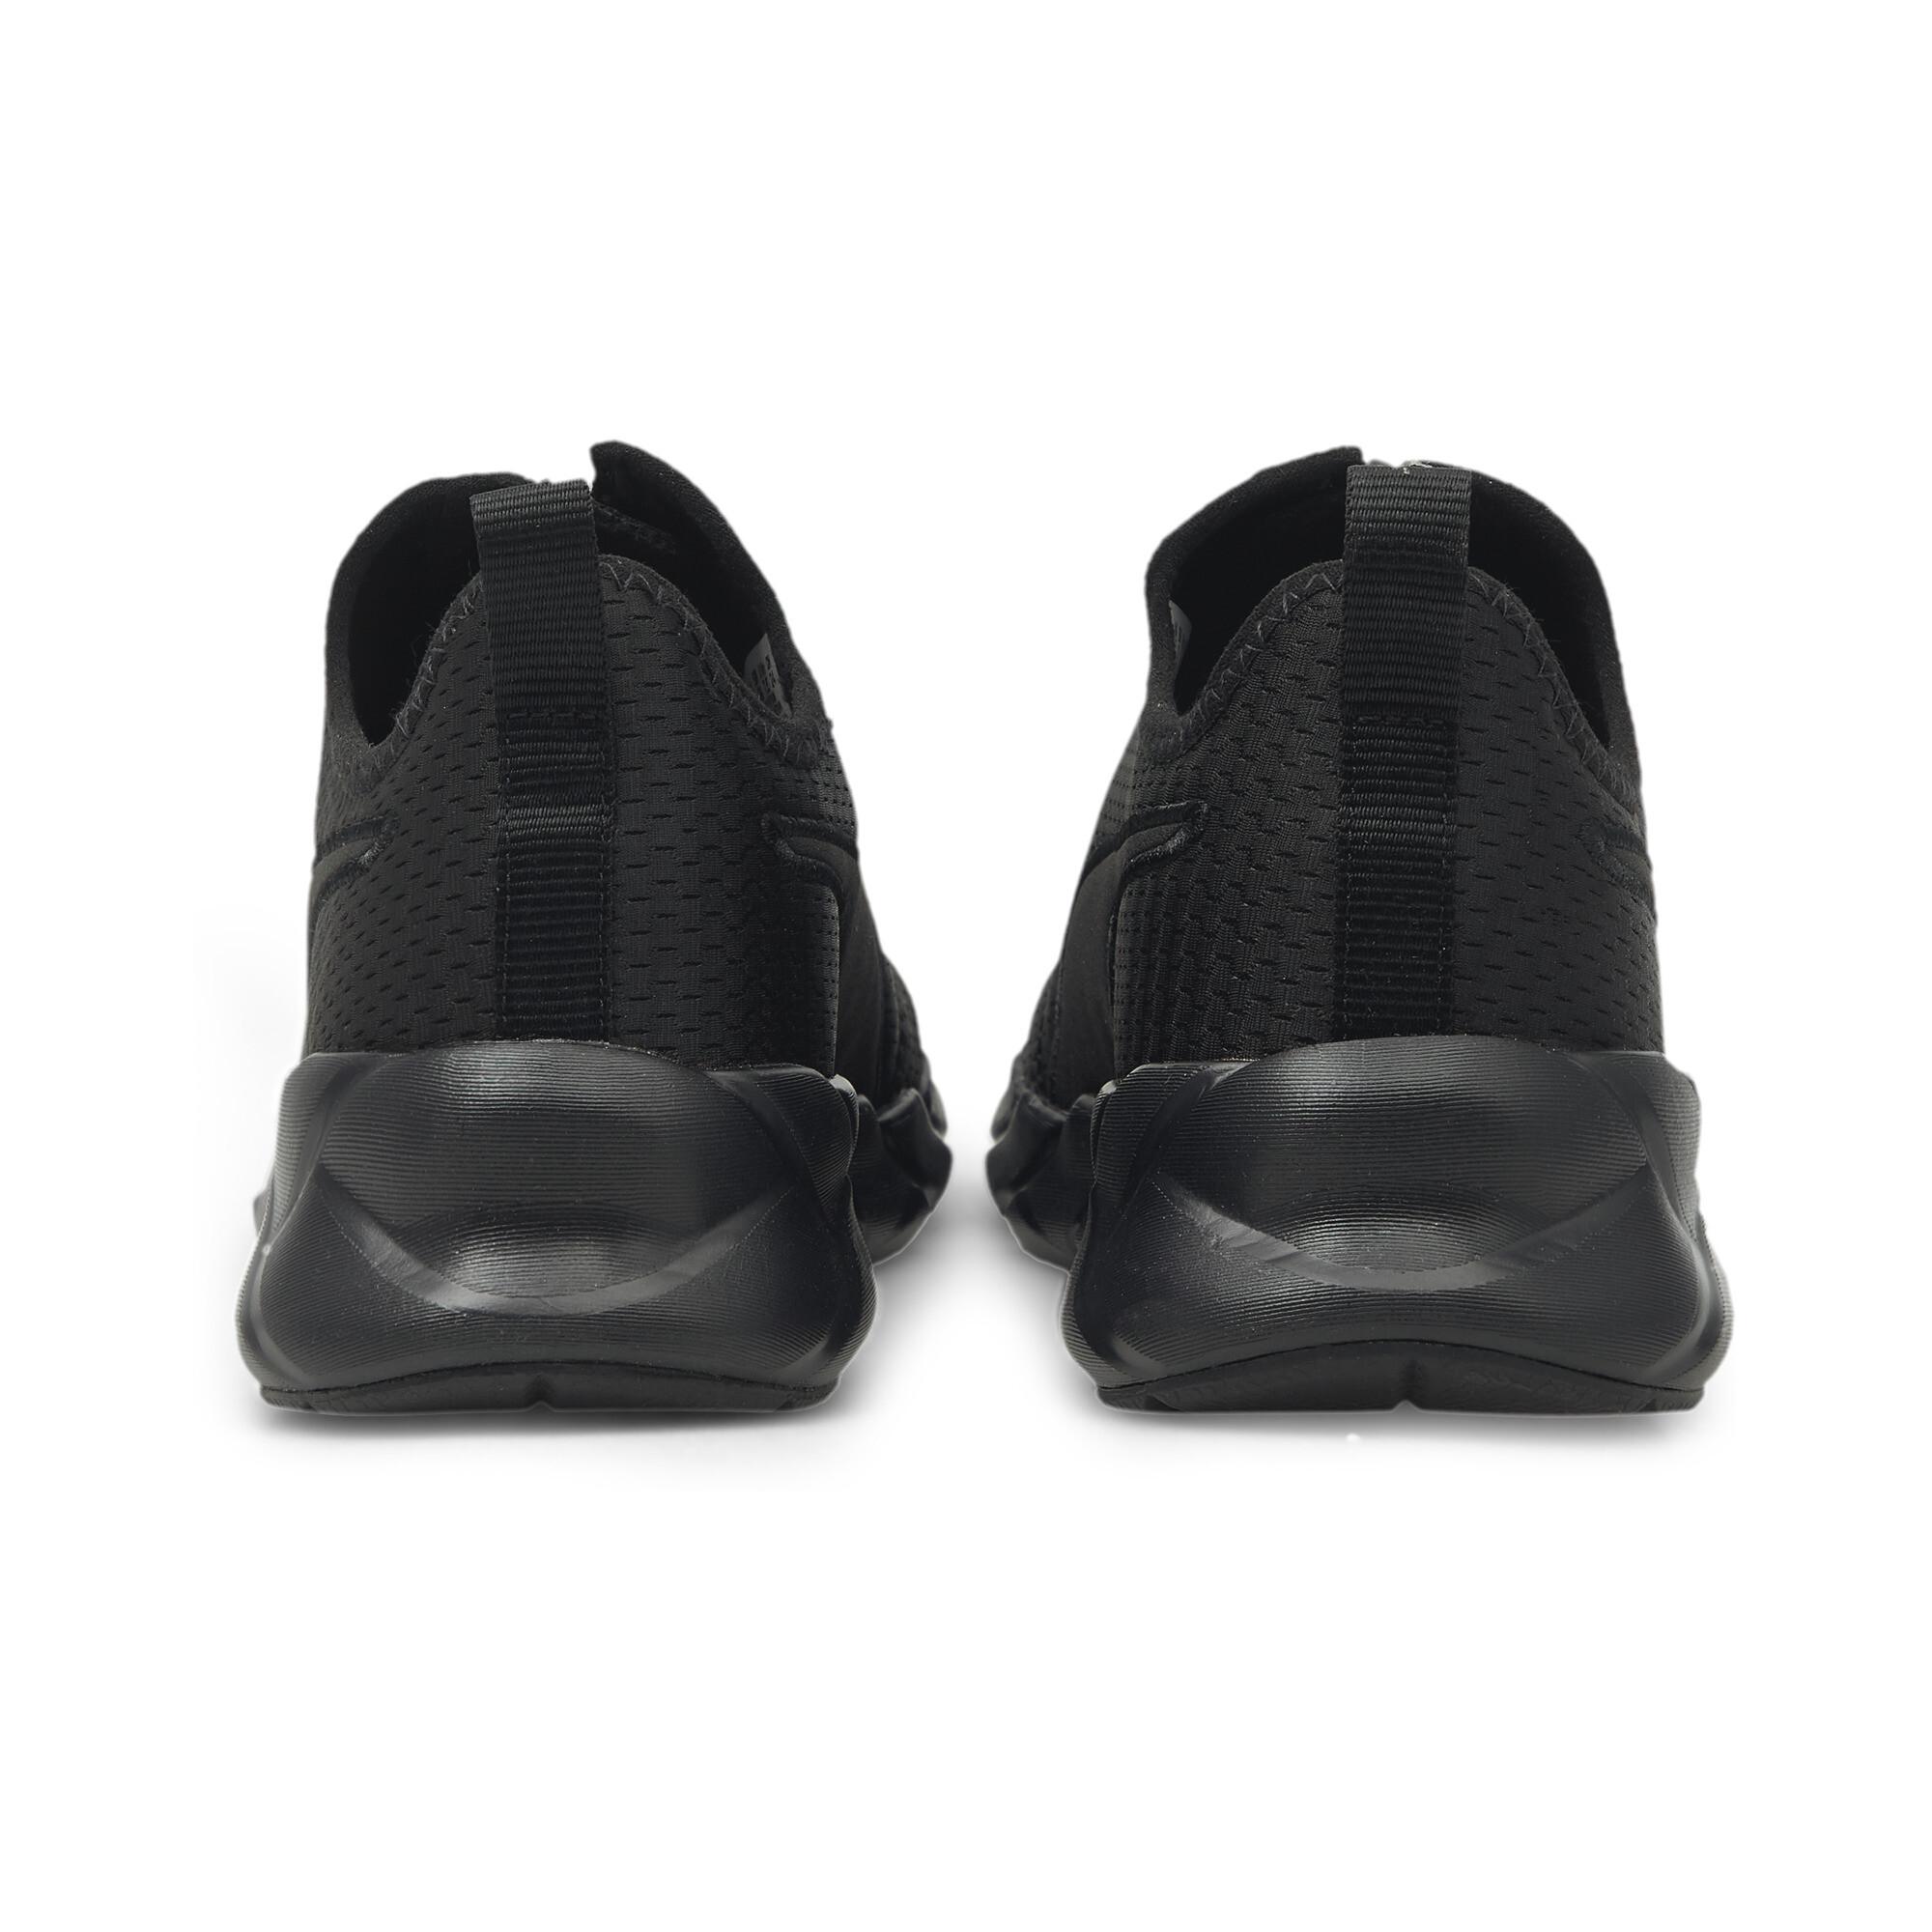 thumbnail 6 - PUMA Women's Weave Zip Training Shoes